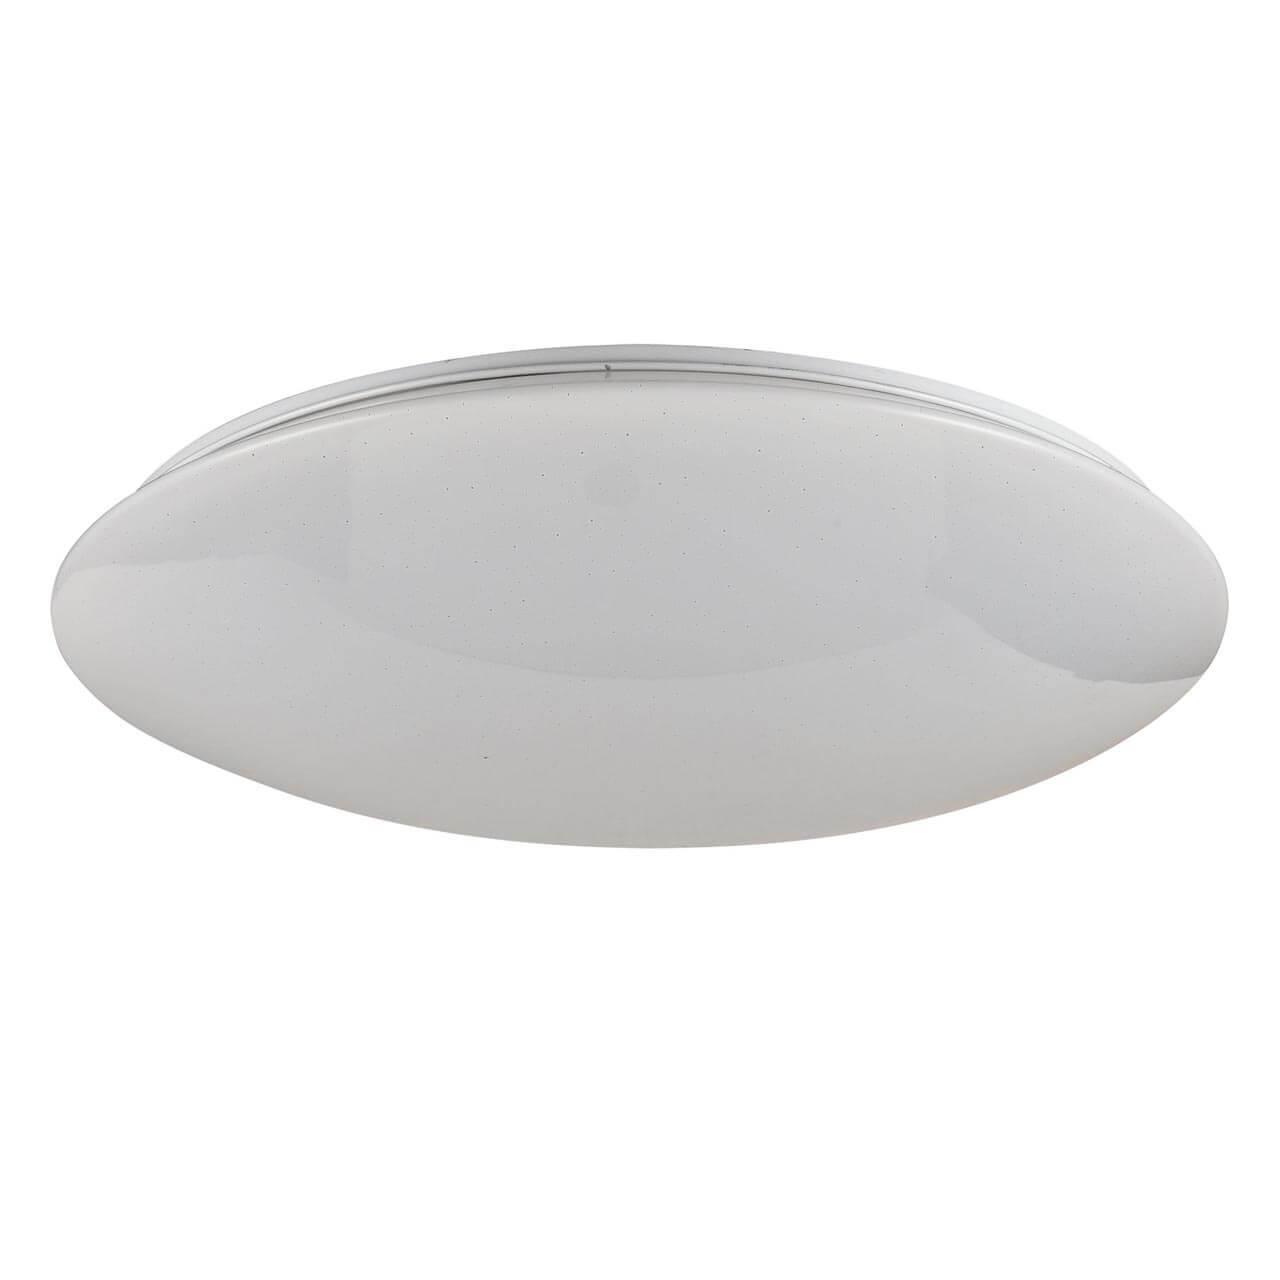 Потолочный светодиодный светильник Freya Gloria FR6999-CL-45-W freya fr6999 cl 45 w